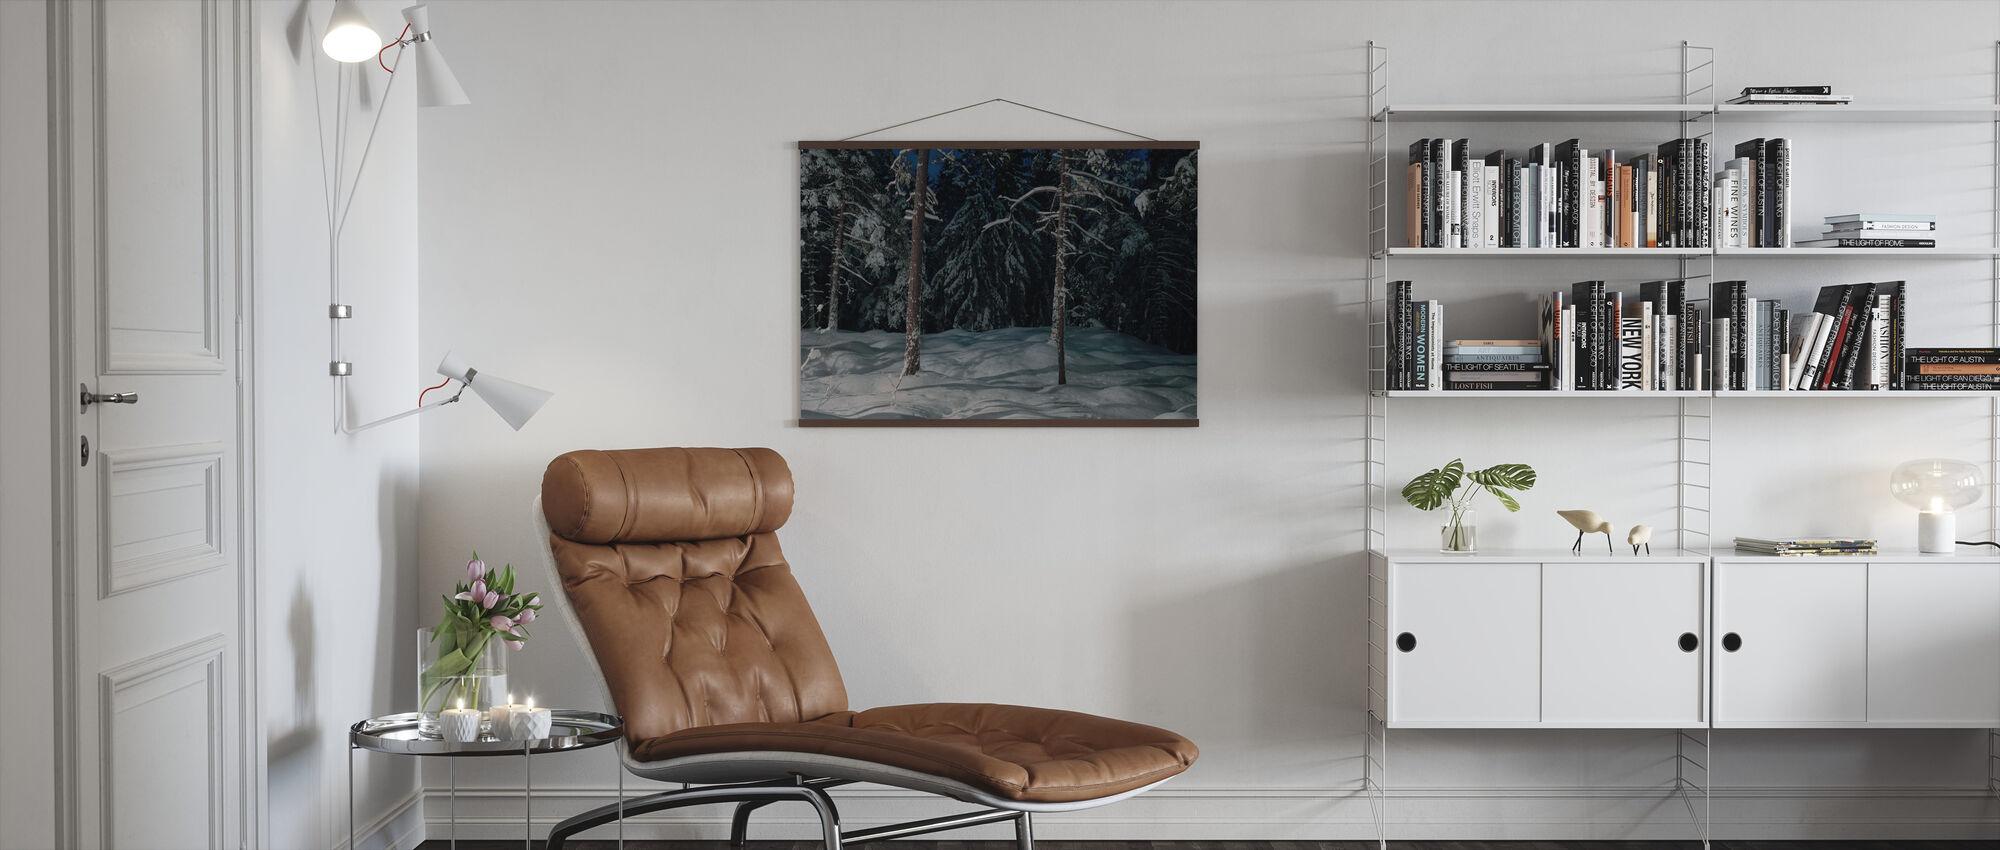 Winter Lighting in Nacka, Sweden - Poster - Living Room